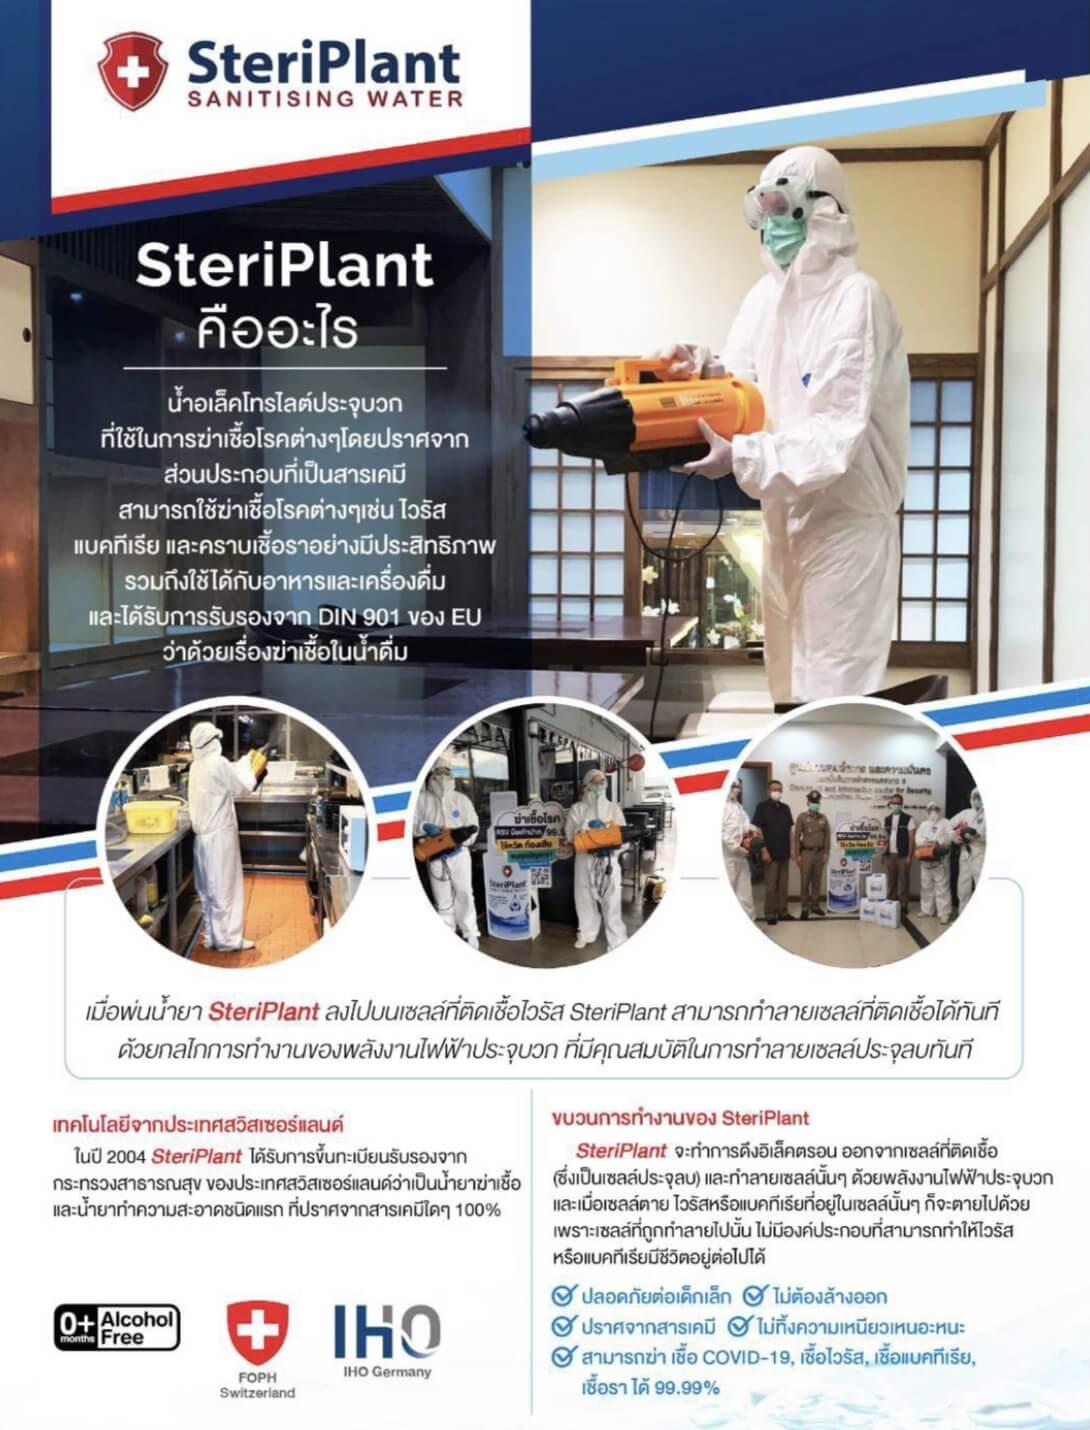 บริการพ่นสเปรย์ฆ่าเชื้อไวรัส SteriPlant Sanitising